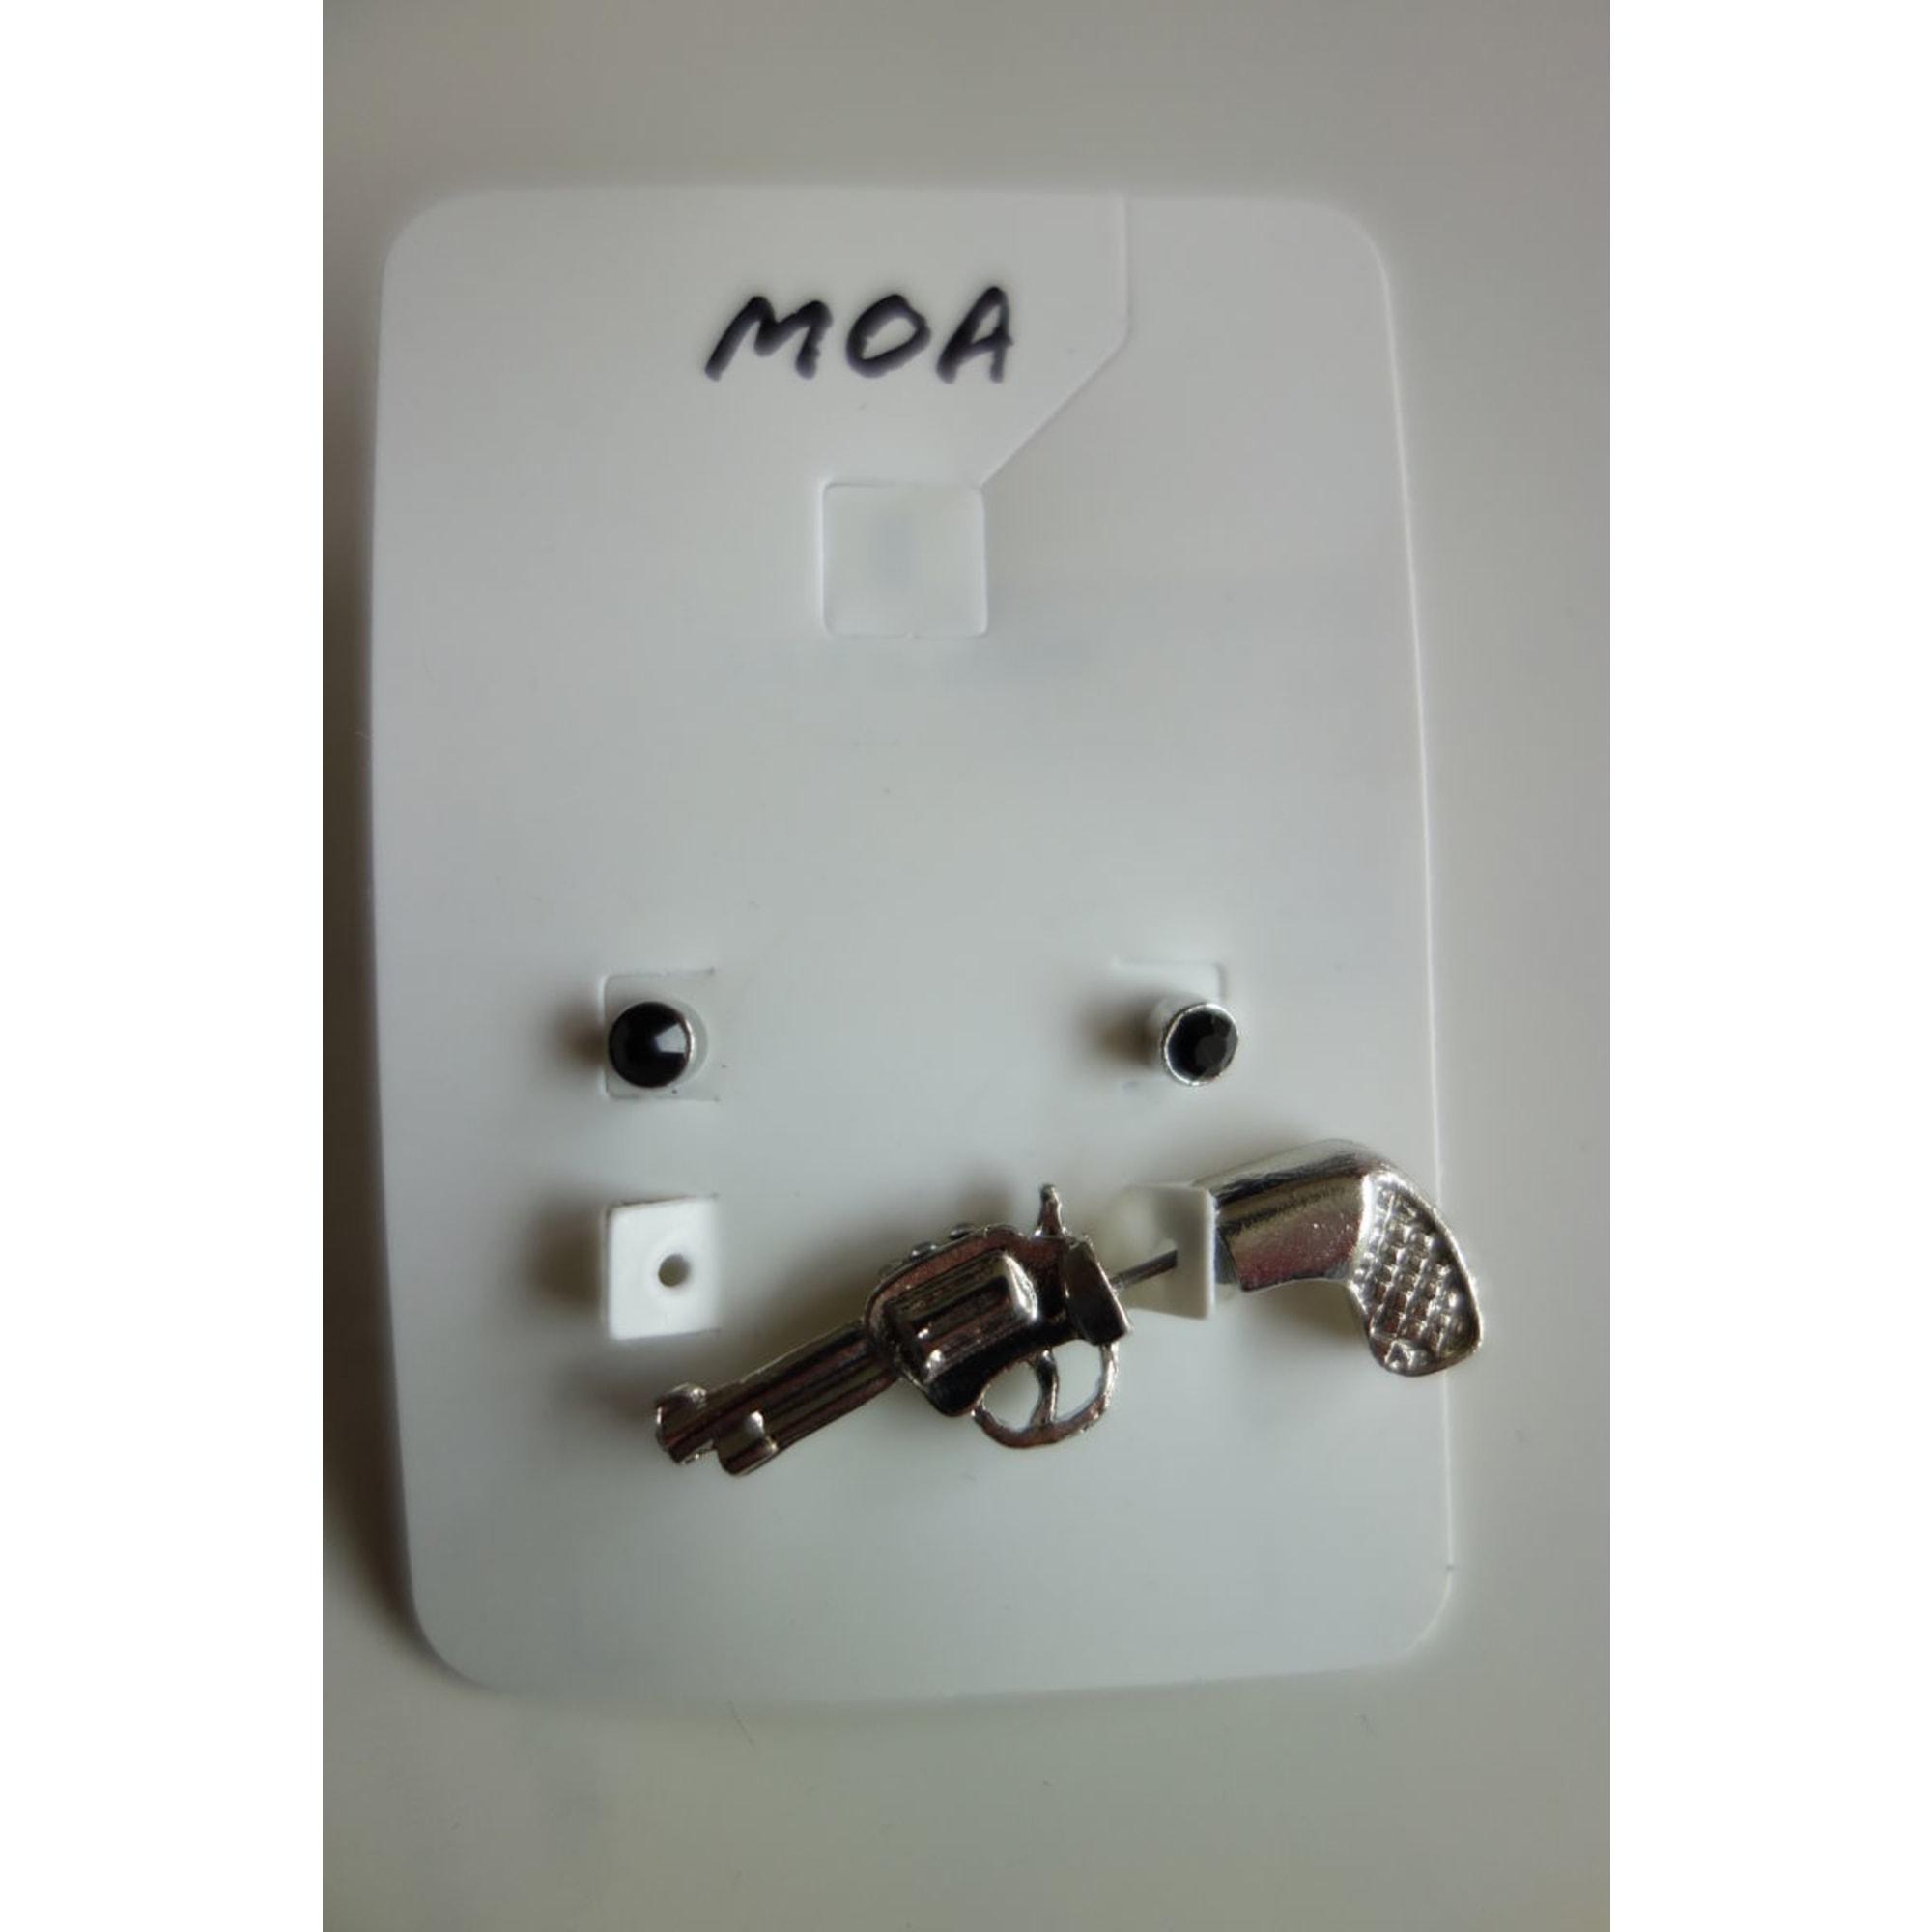 Boucles d'oreille MOA Argenté, acier